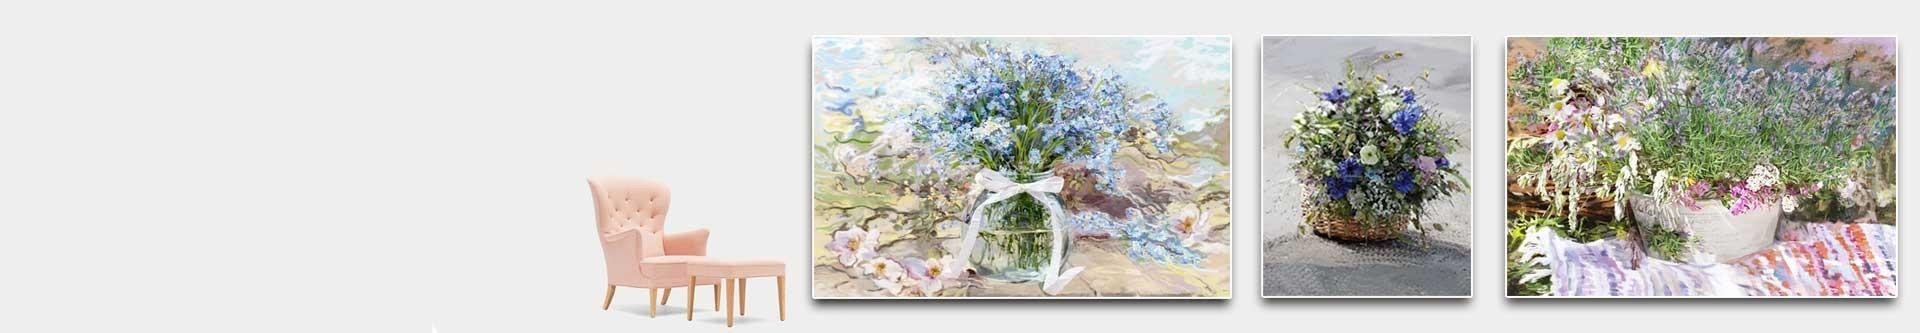 Obrazy kwiaty polne - dzikie kwiaty na płótnie - grafikiobrazy.pl